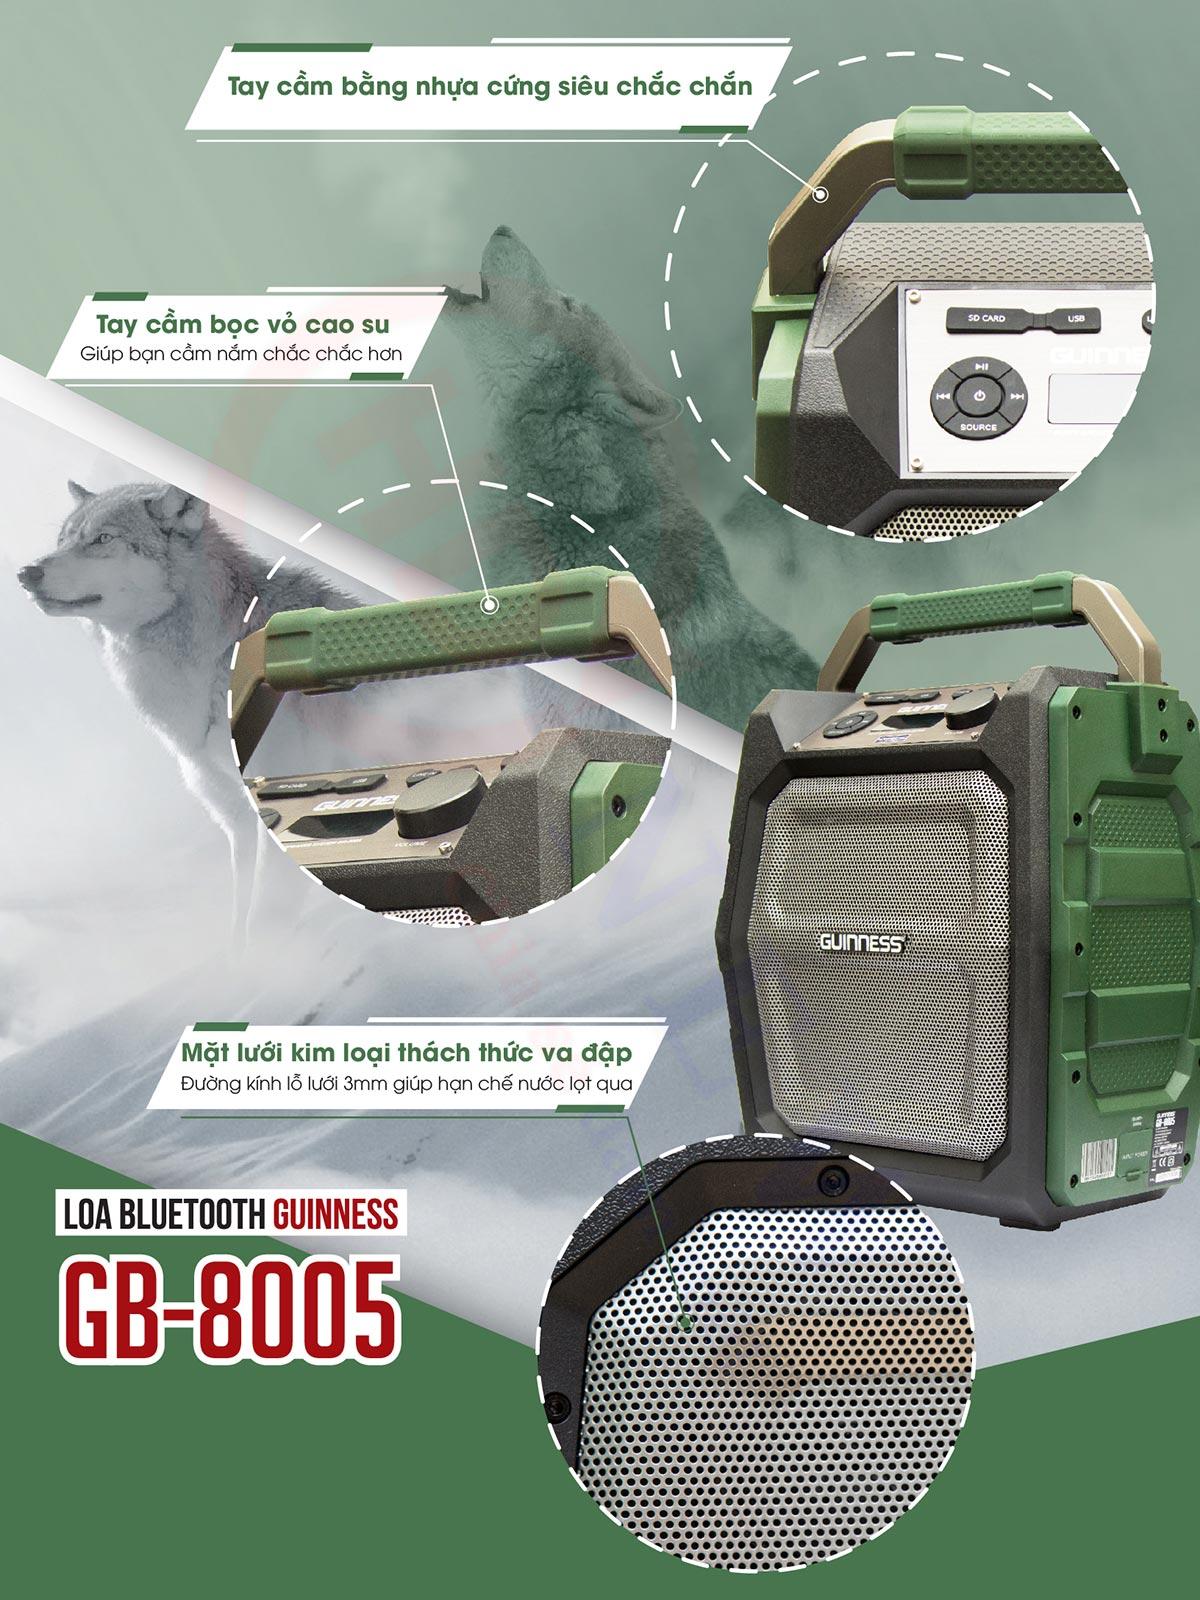 Loa Guinness GB-8005 | HDnew - Chia sẻ đam mê